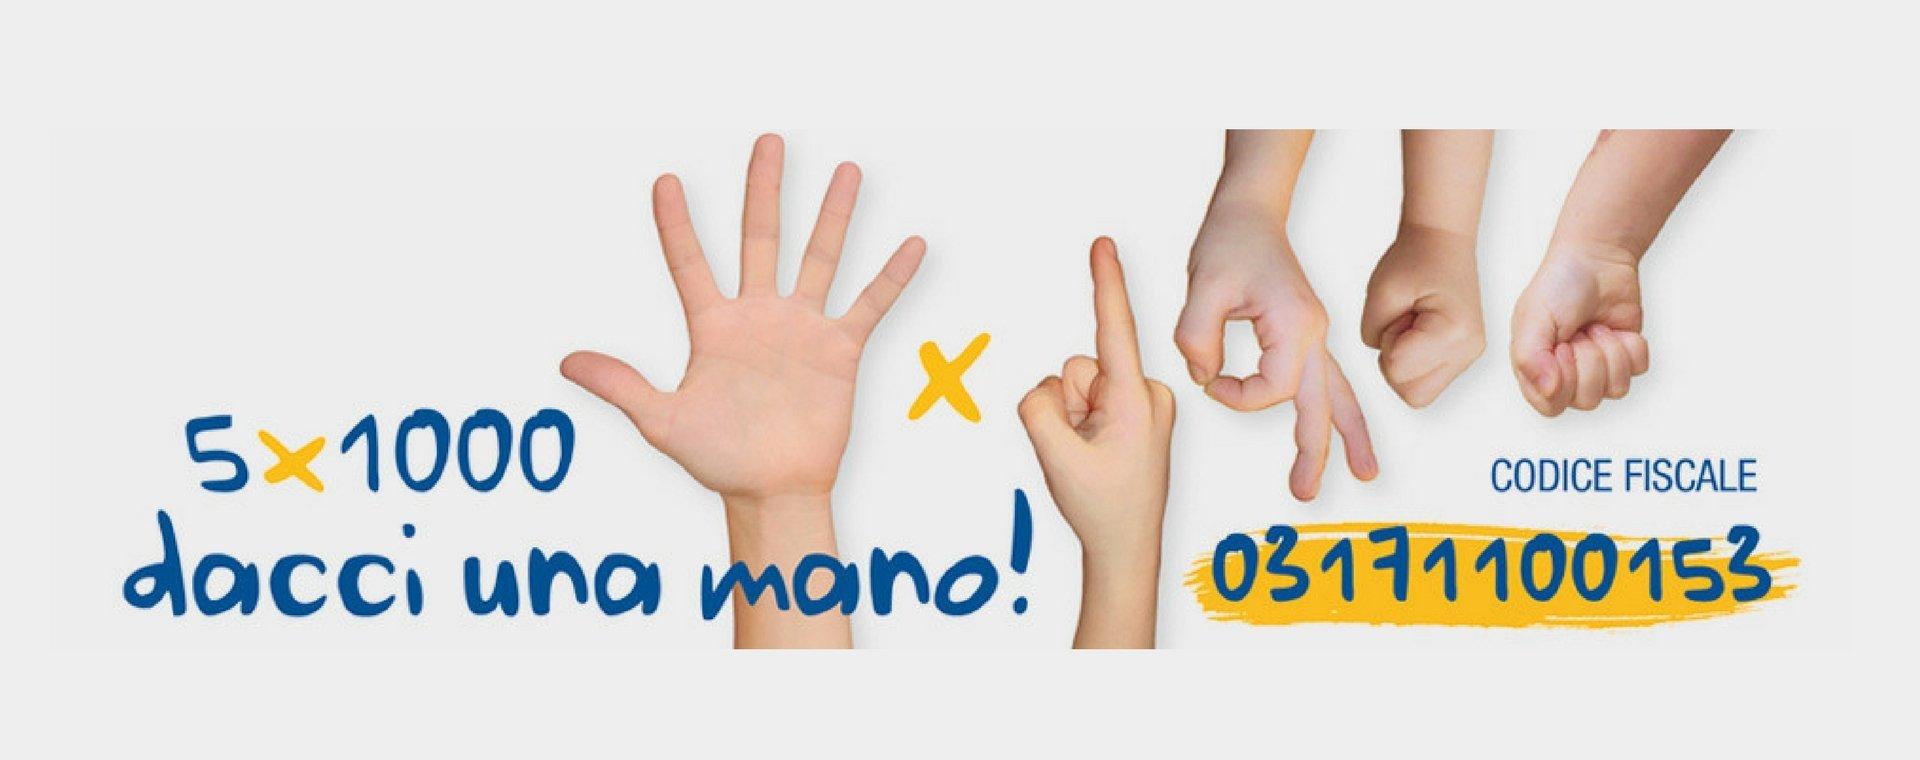 Donaci il tuo 5×1000!